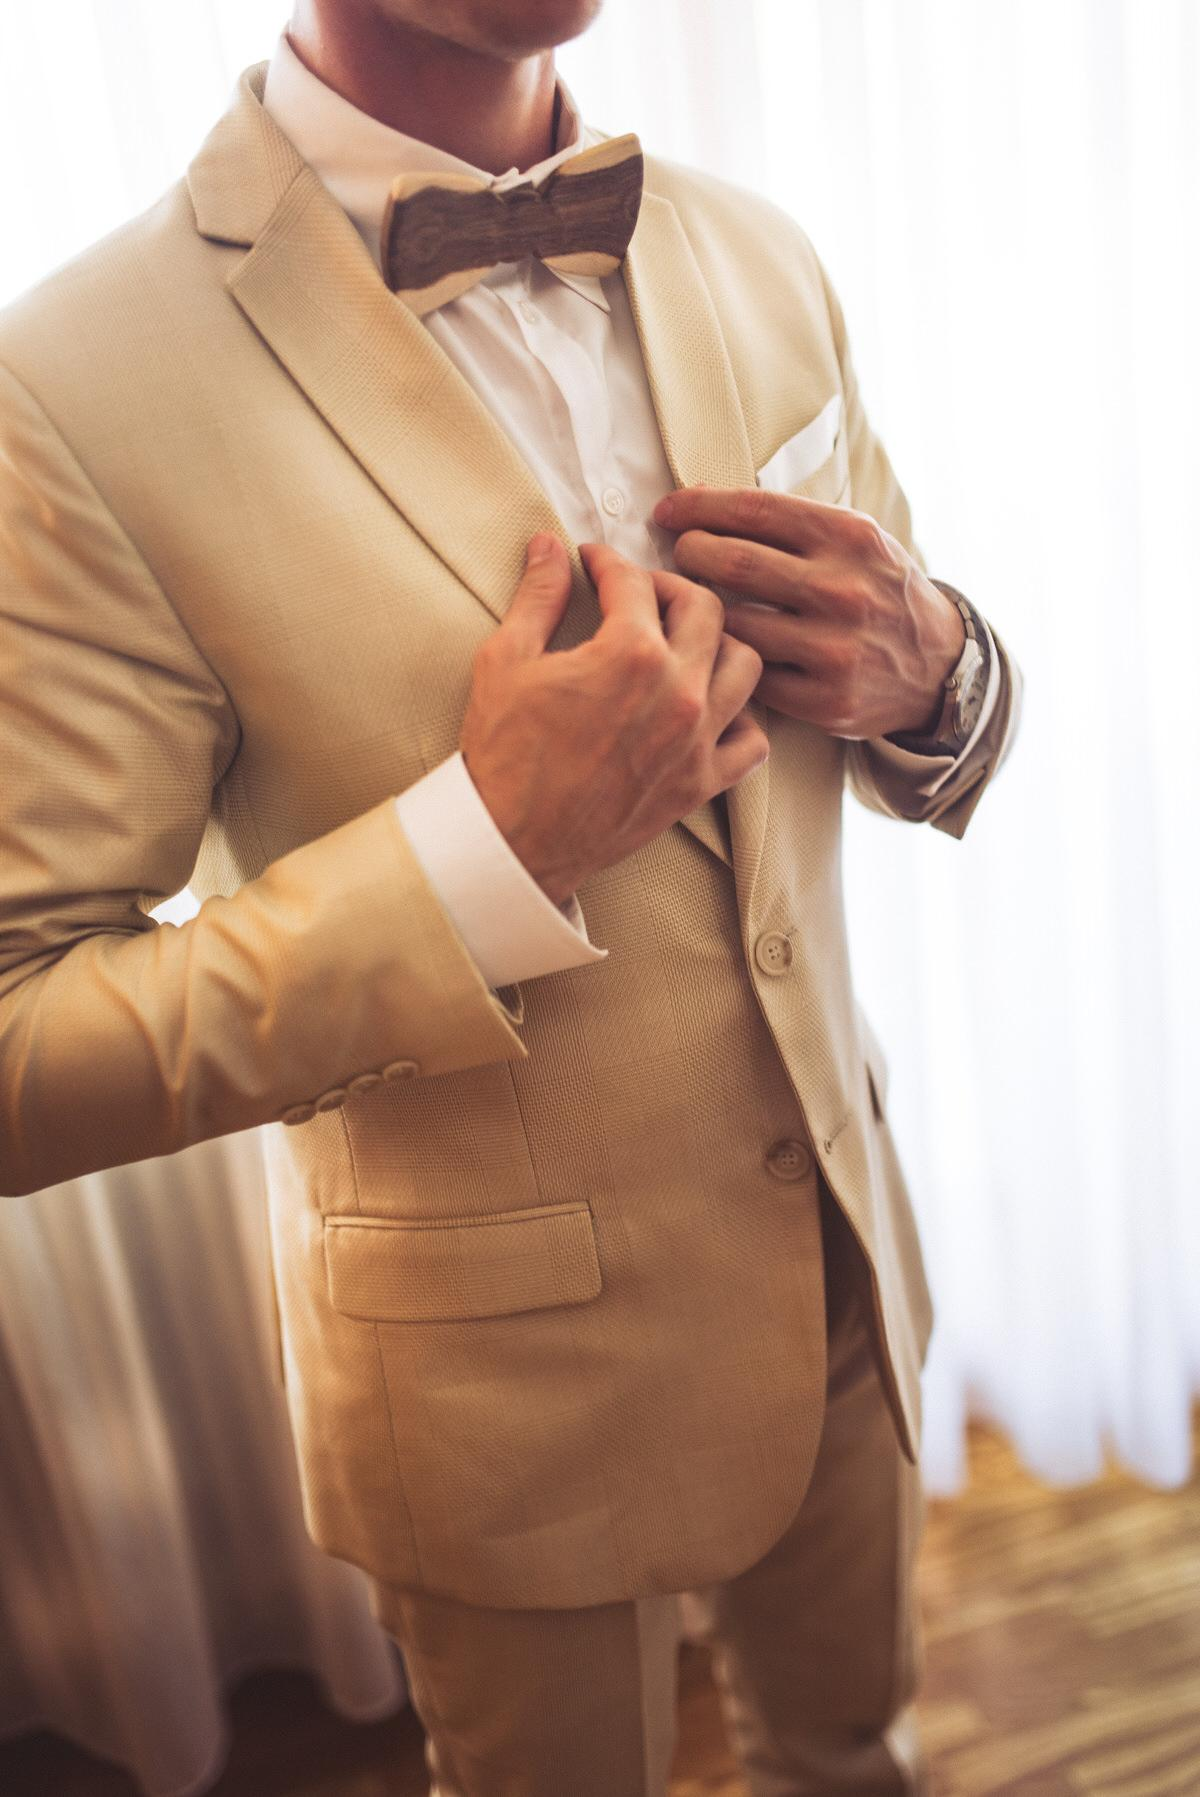 poročni_fotograf_poroka_olimje_podčetrtek_štajerska_023